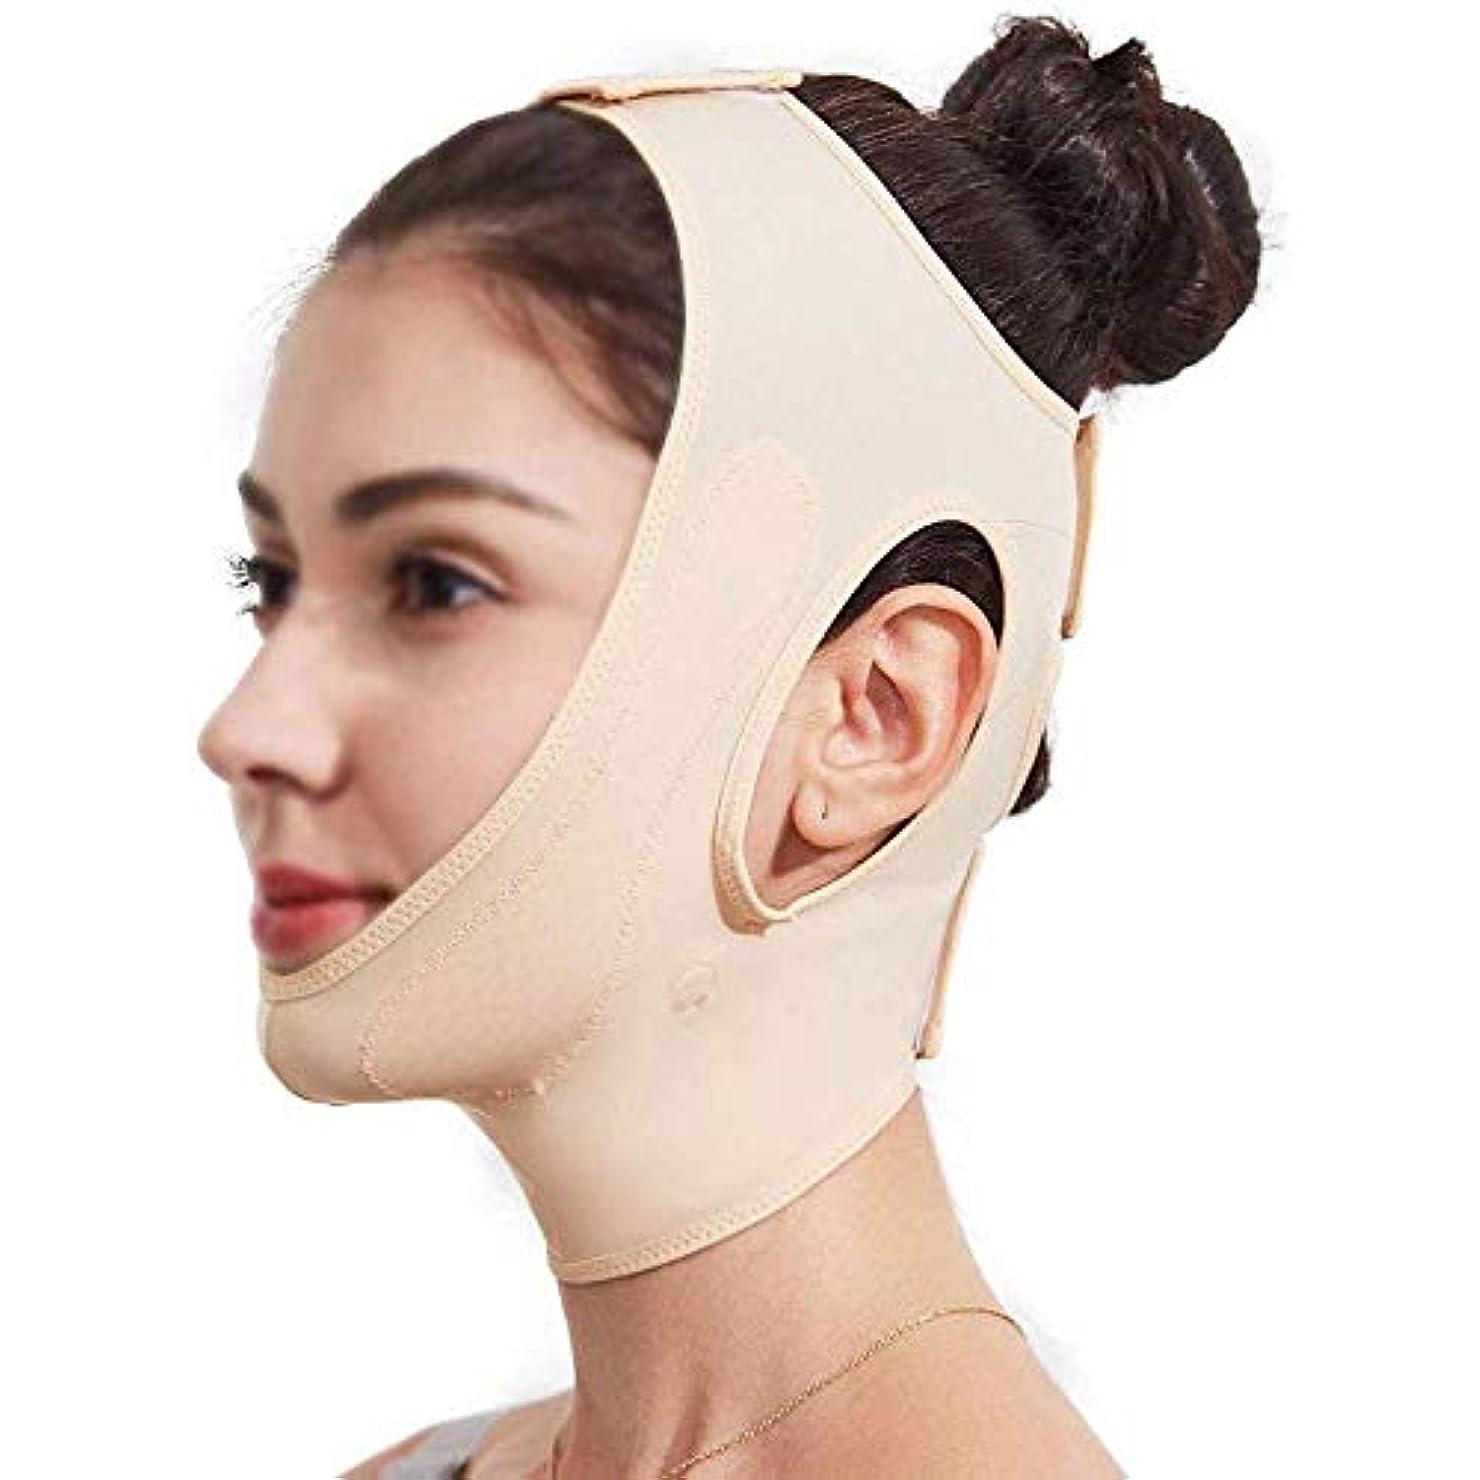 おじさんゴシップ展示会HEMFV 顔のリフトスリミングベルトは、スリムリフトコンパクト顔の皮膚のためのスキン包帯二重あごスリミングベルトを締め (Color : Skin color)